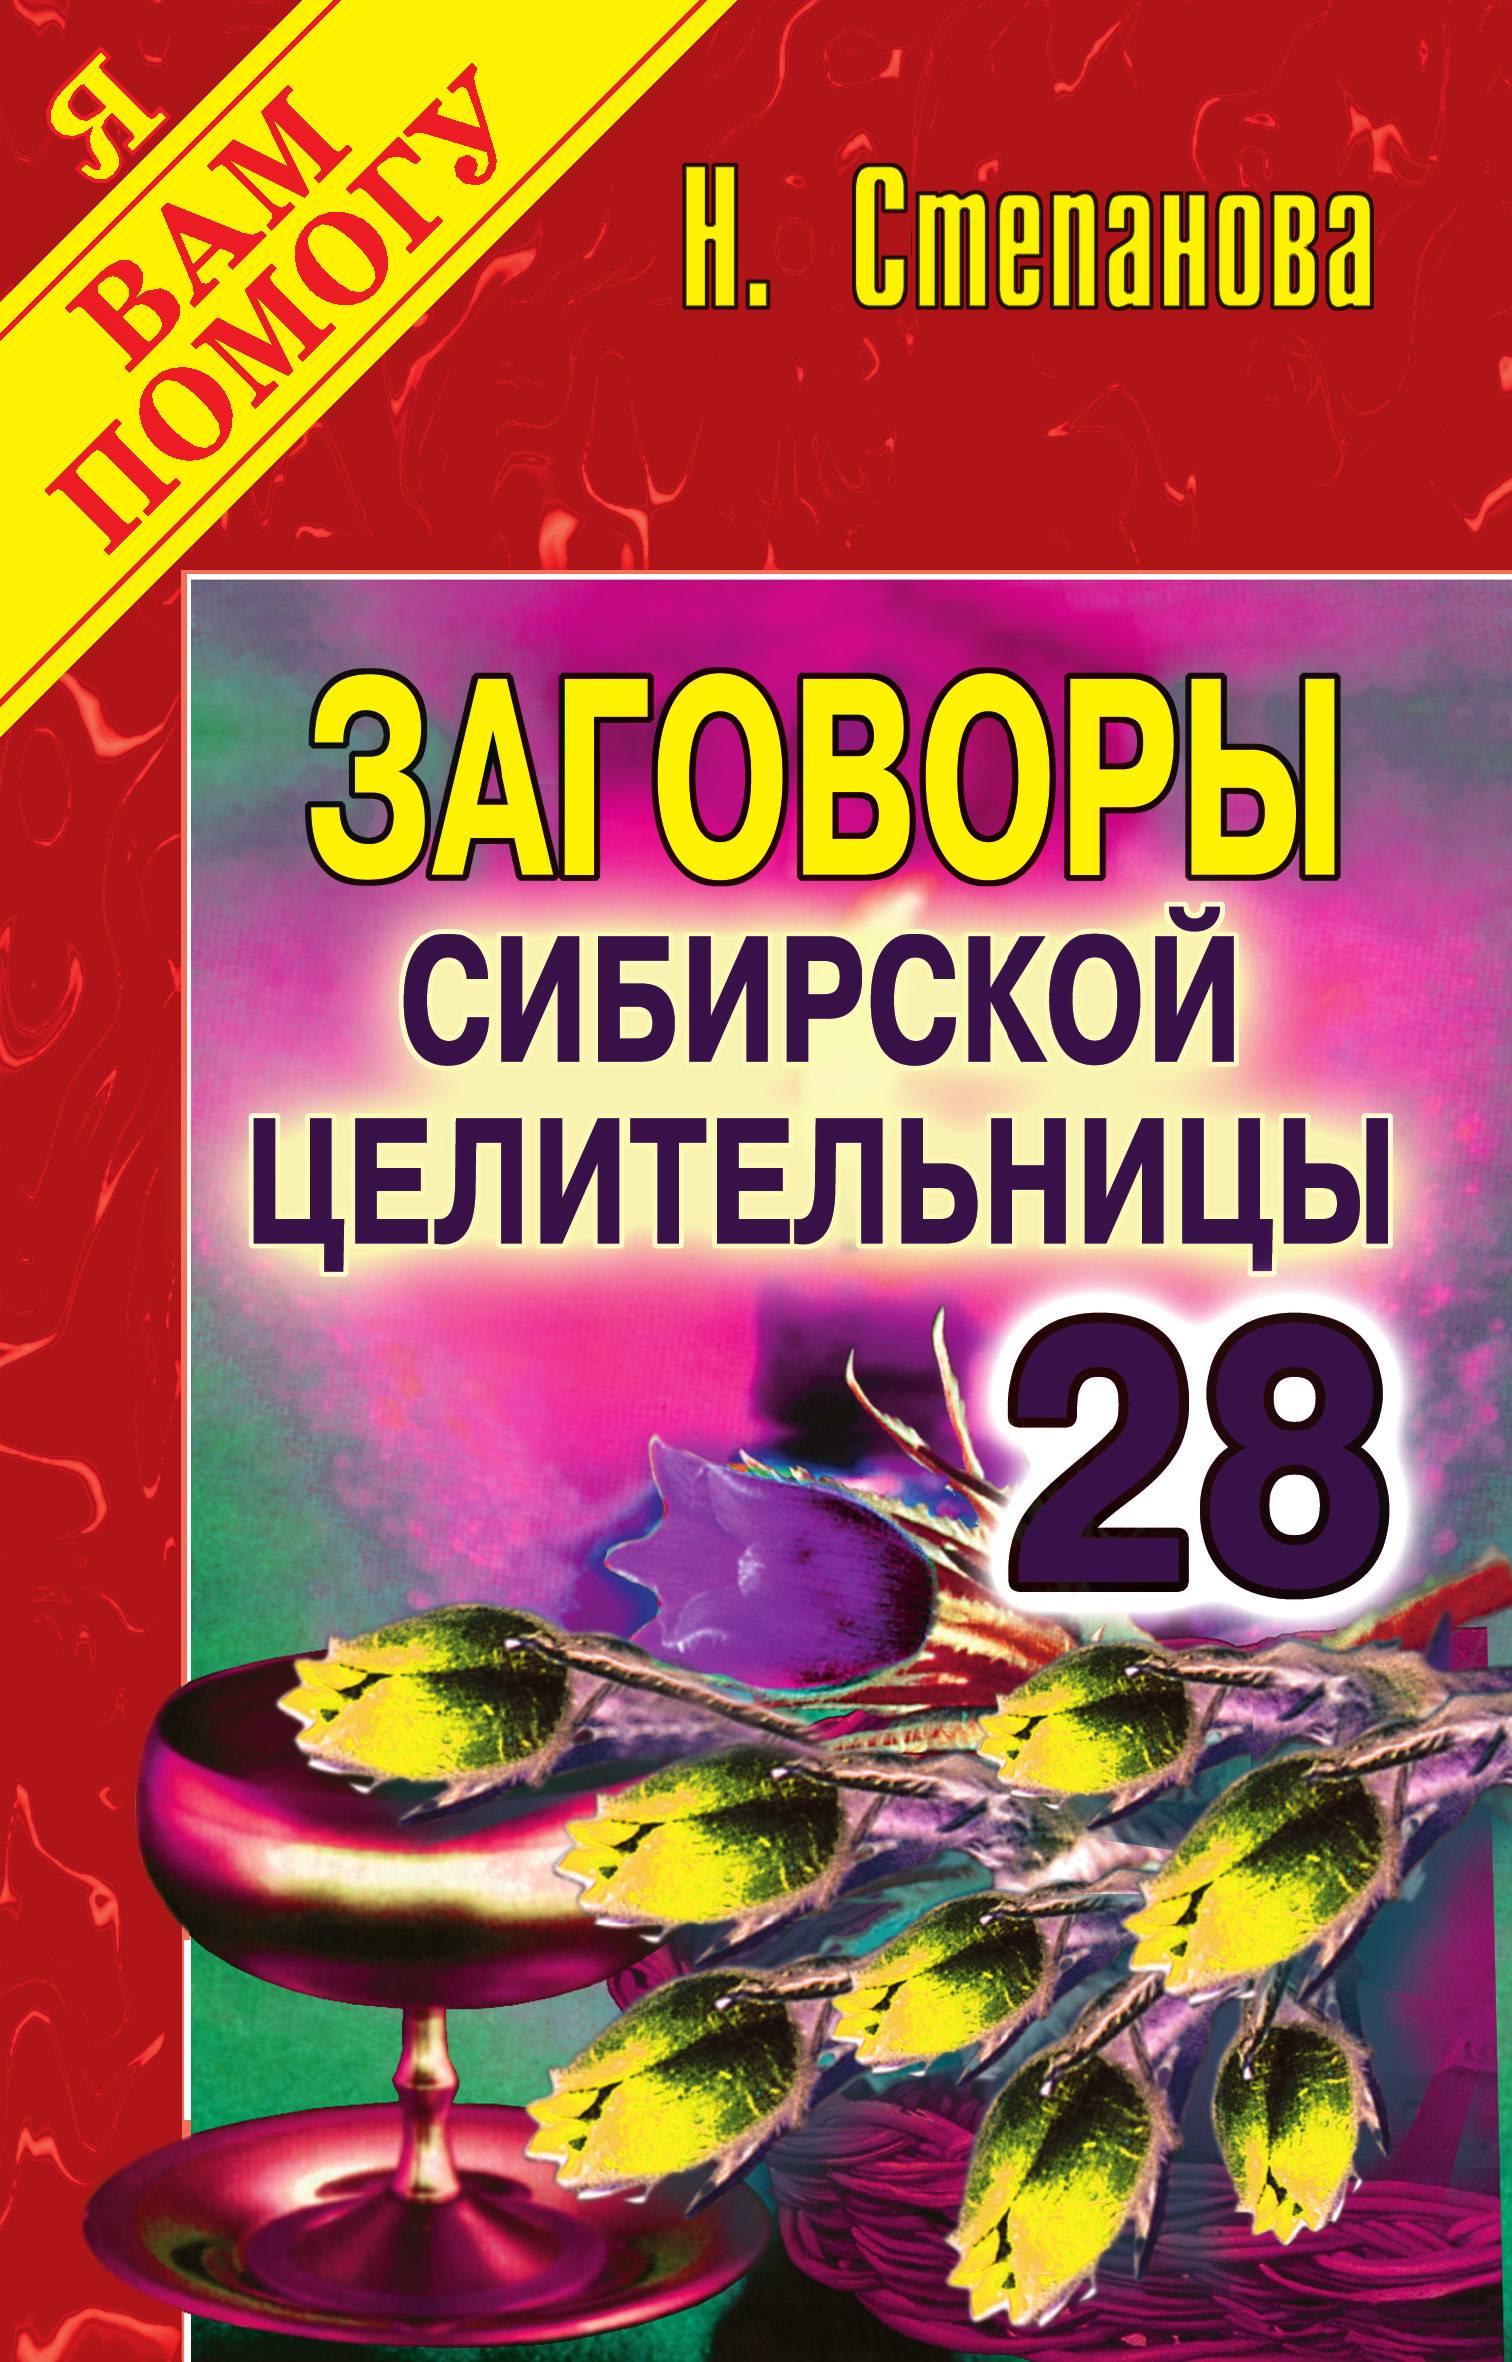 Читать книгу 9000 заговоров сибирской целительницы. самое полное собрание натальи степановой : онлайн чтение - страница 25